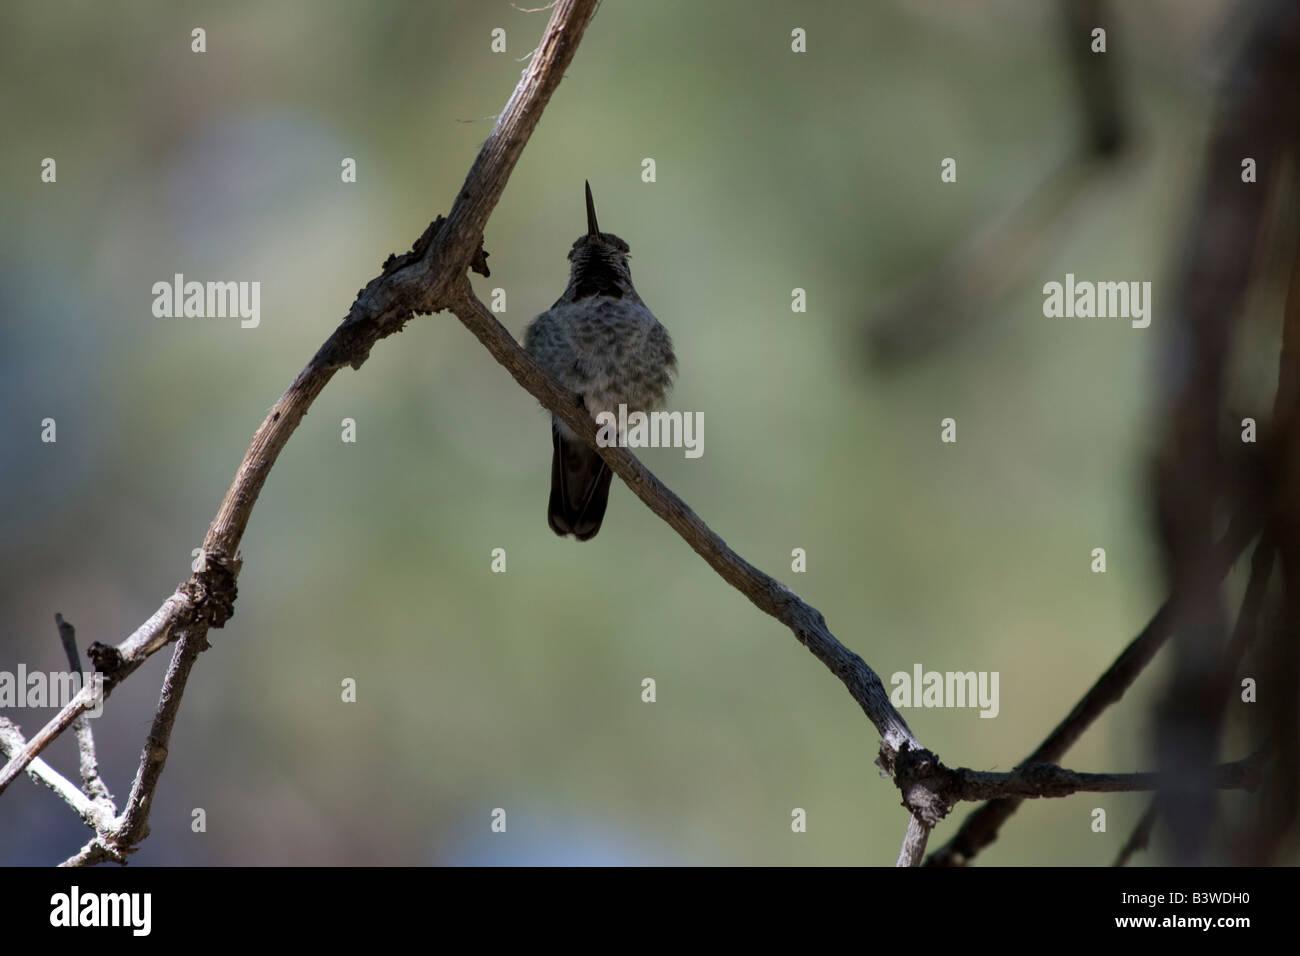 Une femelle oiseau de ronflement reste sur un membre en attente de l'homme de quitter le convoyeur Photo Stock